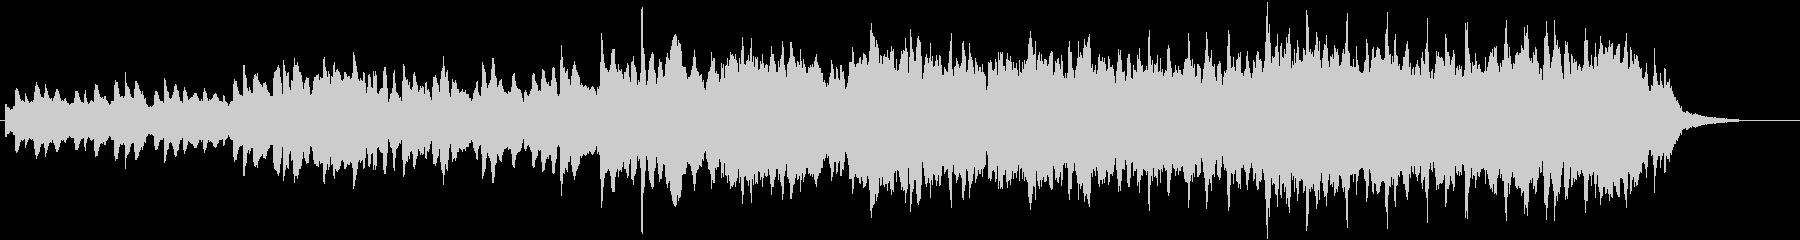 ピアノとパッドのアンビエント途中金属打音の未再生の波形